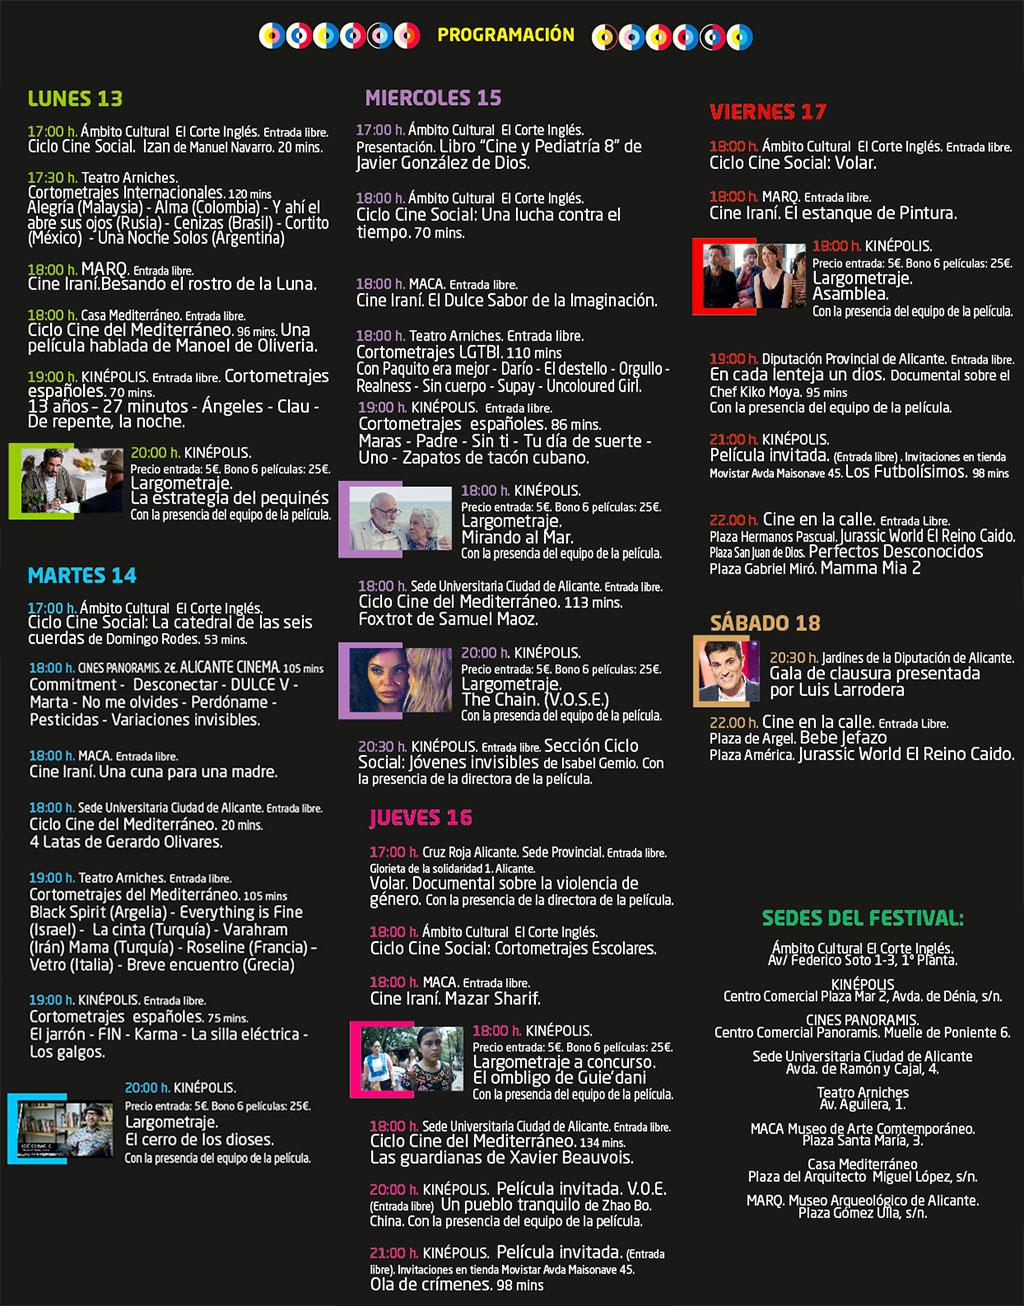 Festival de cine de Alicante 2019: programme